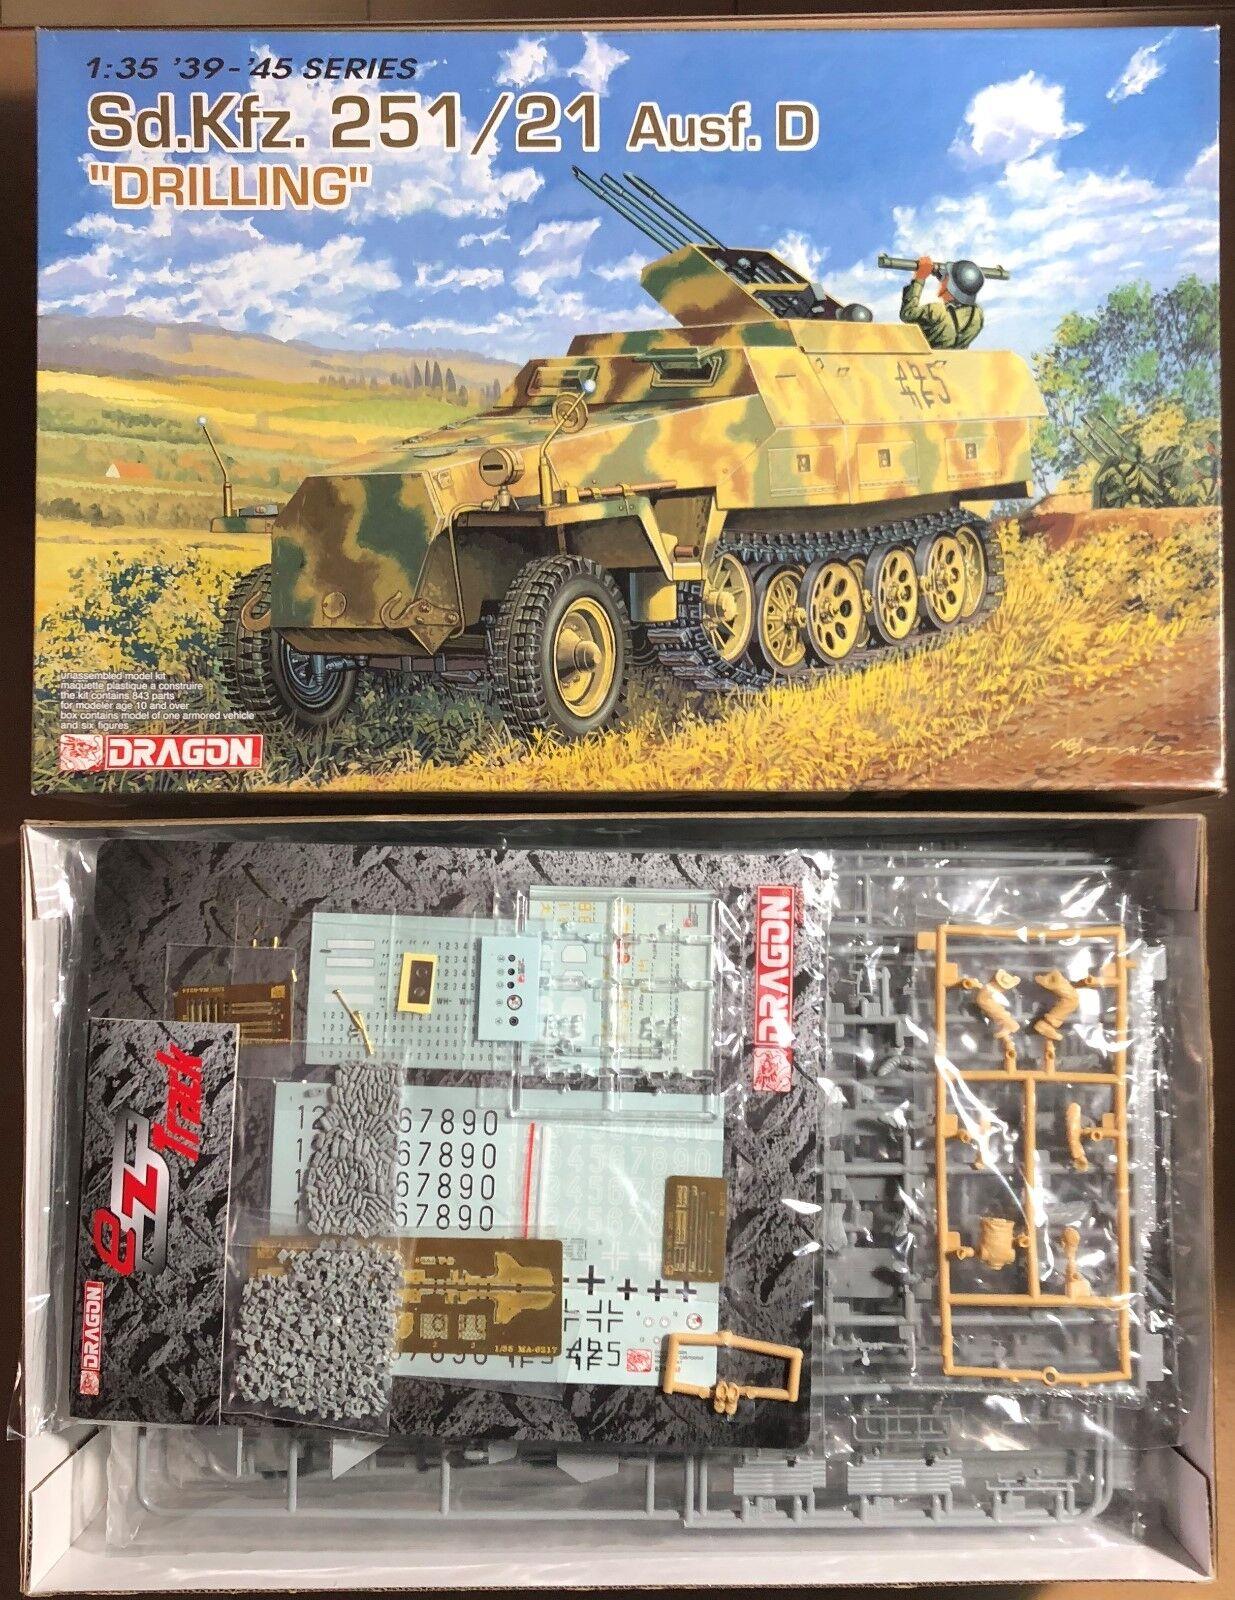 DRAGON 6217 - Sd.Kfz. 251 21 Ausf. D  DRILLING  - 1 35 PLASTIC KIT